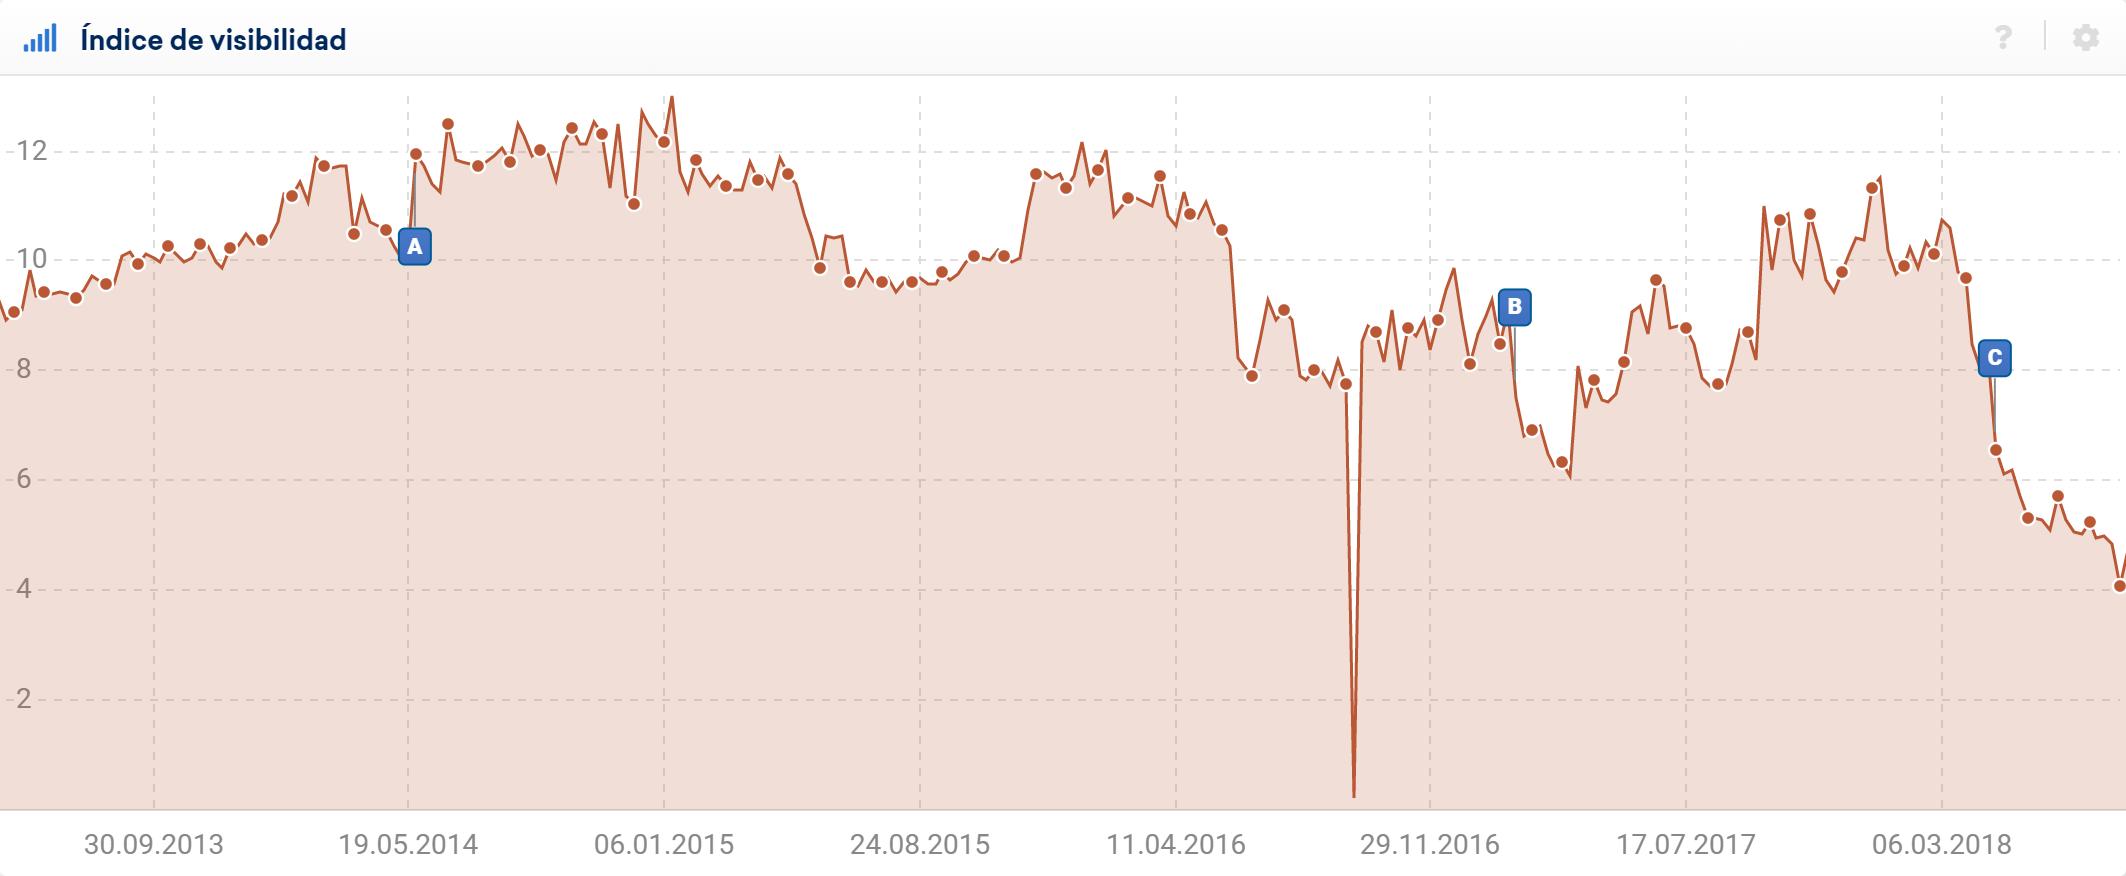 Ejemplo de una caída masiva de la visibilidad en un dominio en la semana del 19.09.2016.